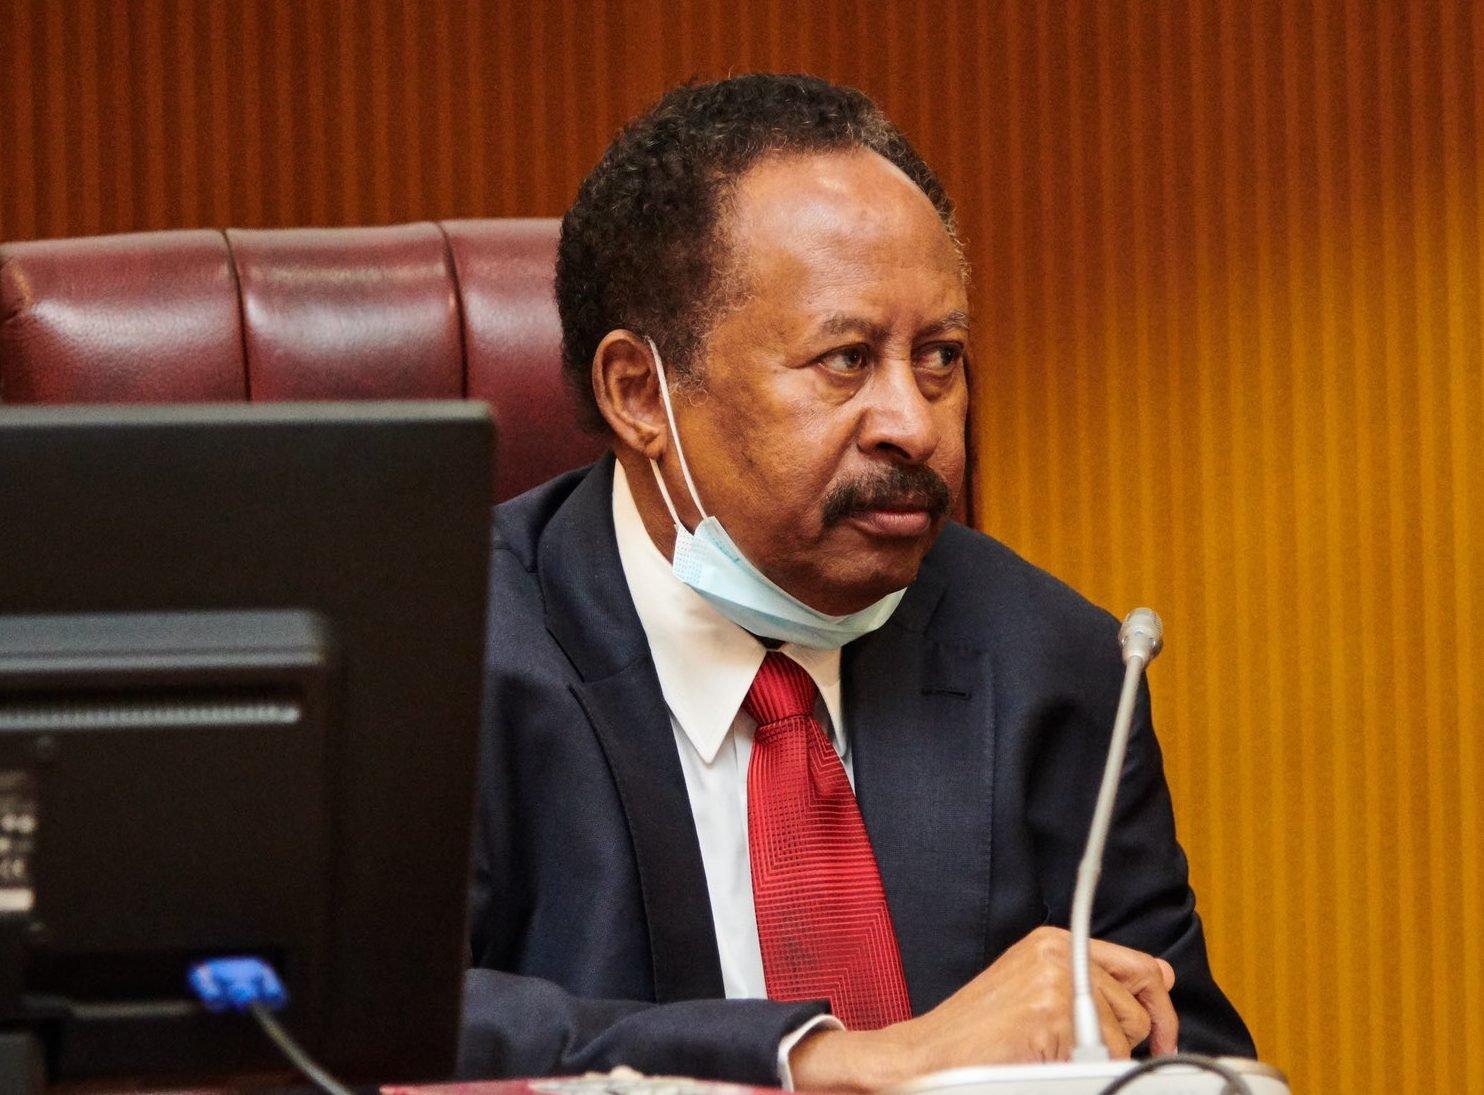 حكومة السودان - أزمة الوقود في السودان